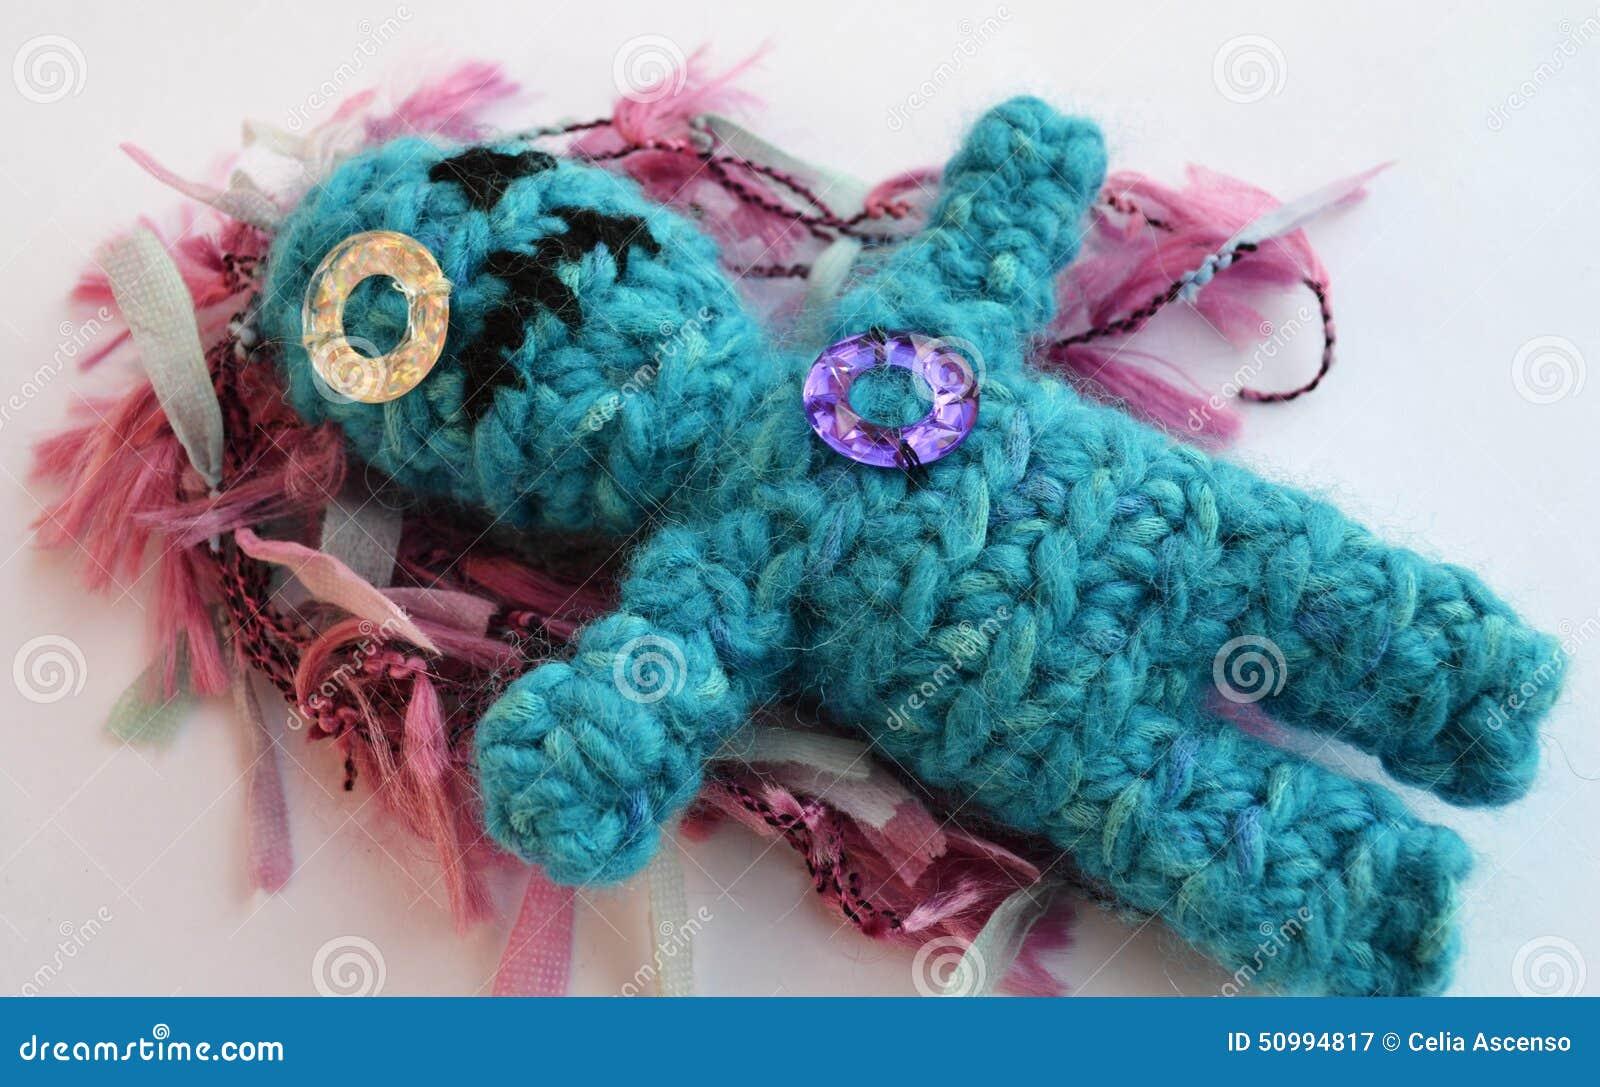 哀伤的钩针编织玩偶以伤痕